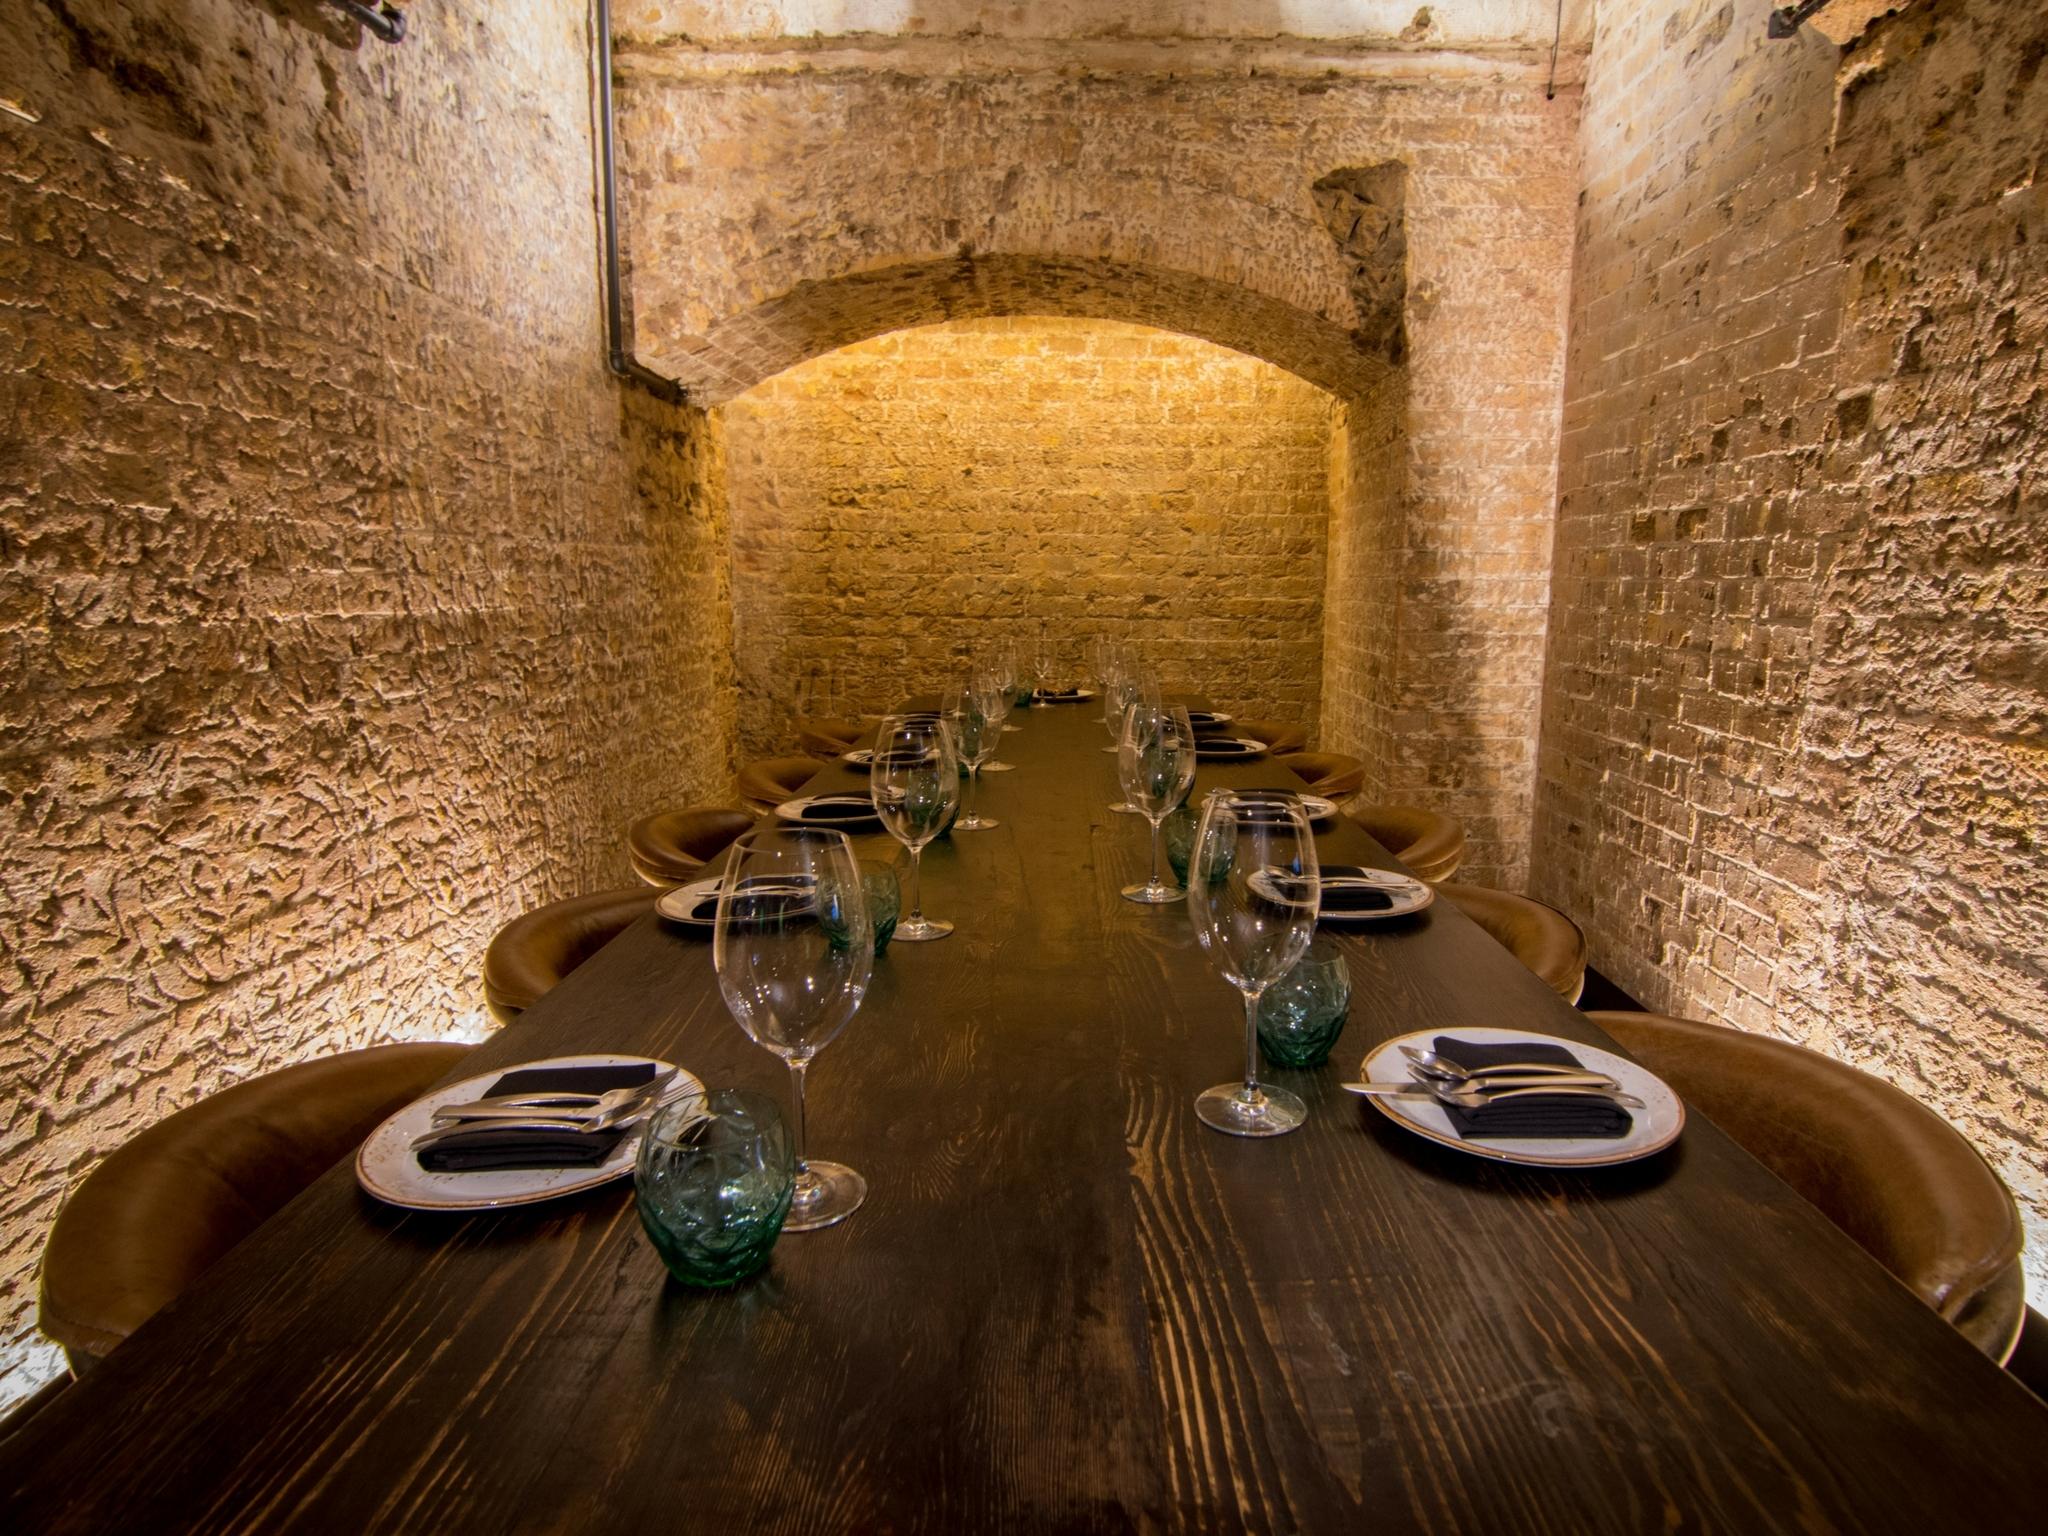 Indu dining room